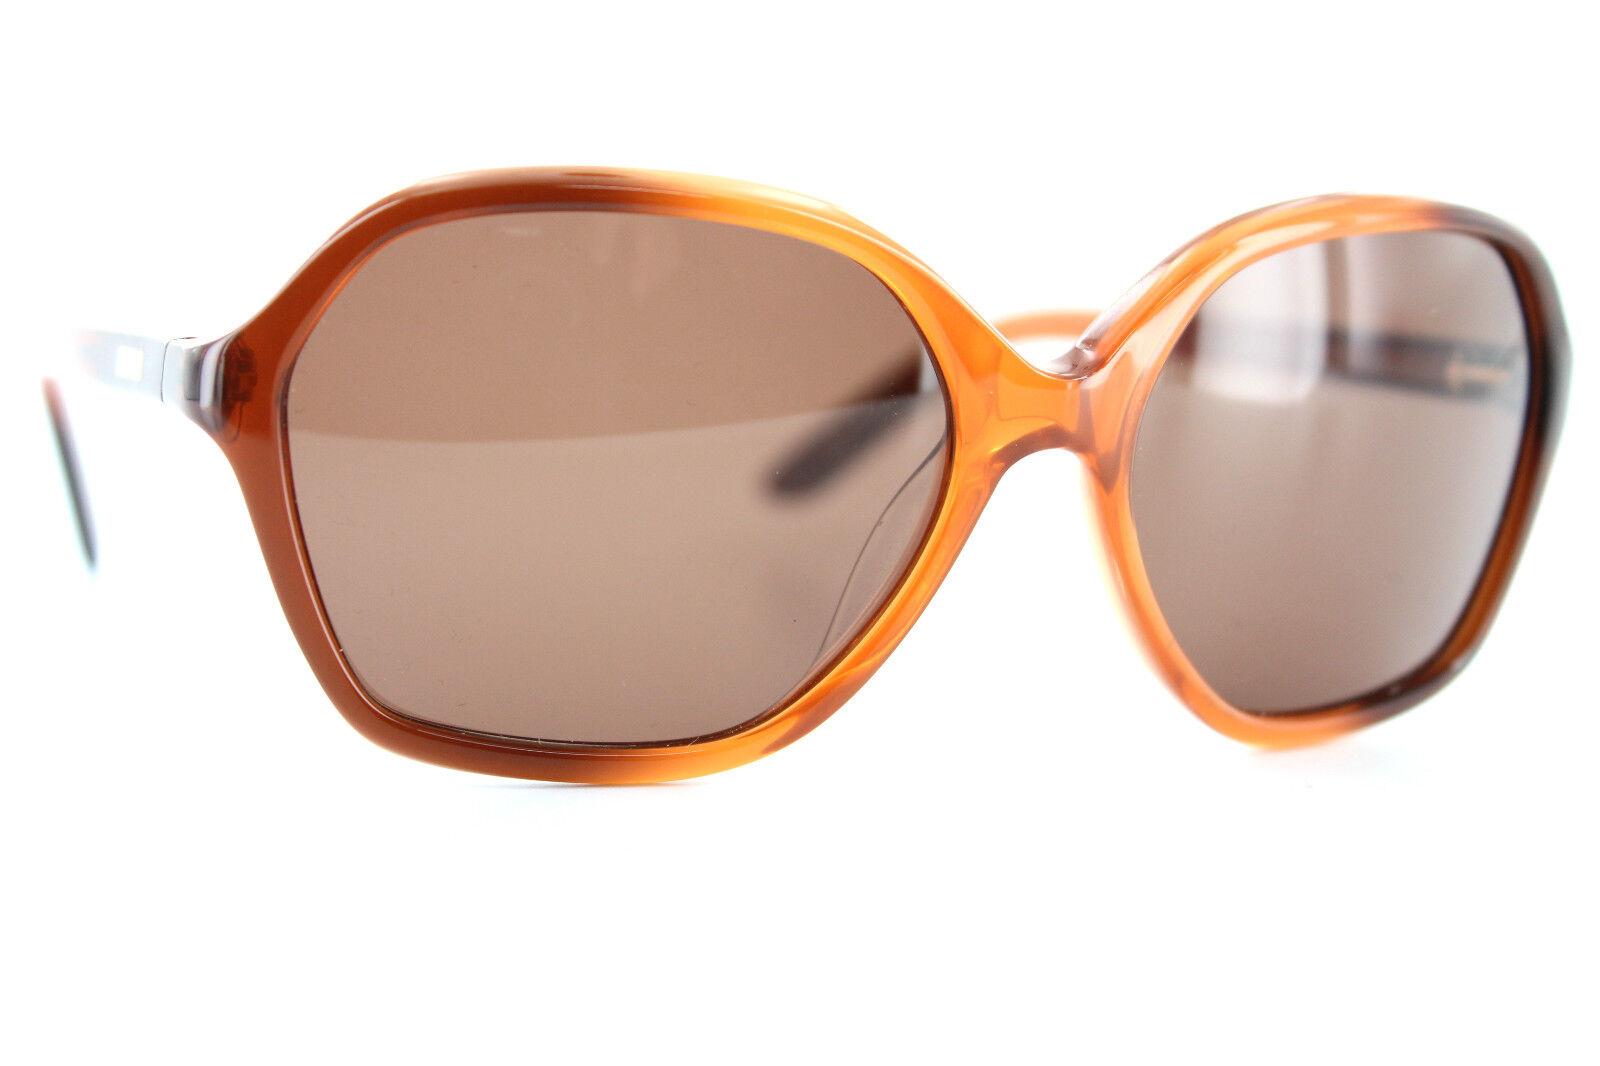 Esprit Esprit Esprit Sonnenbrille   Sunglasses Mod. ET 17770 Farbe-535 incl. Etui | New Product 2019  0322c8